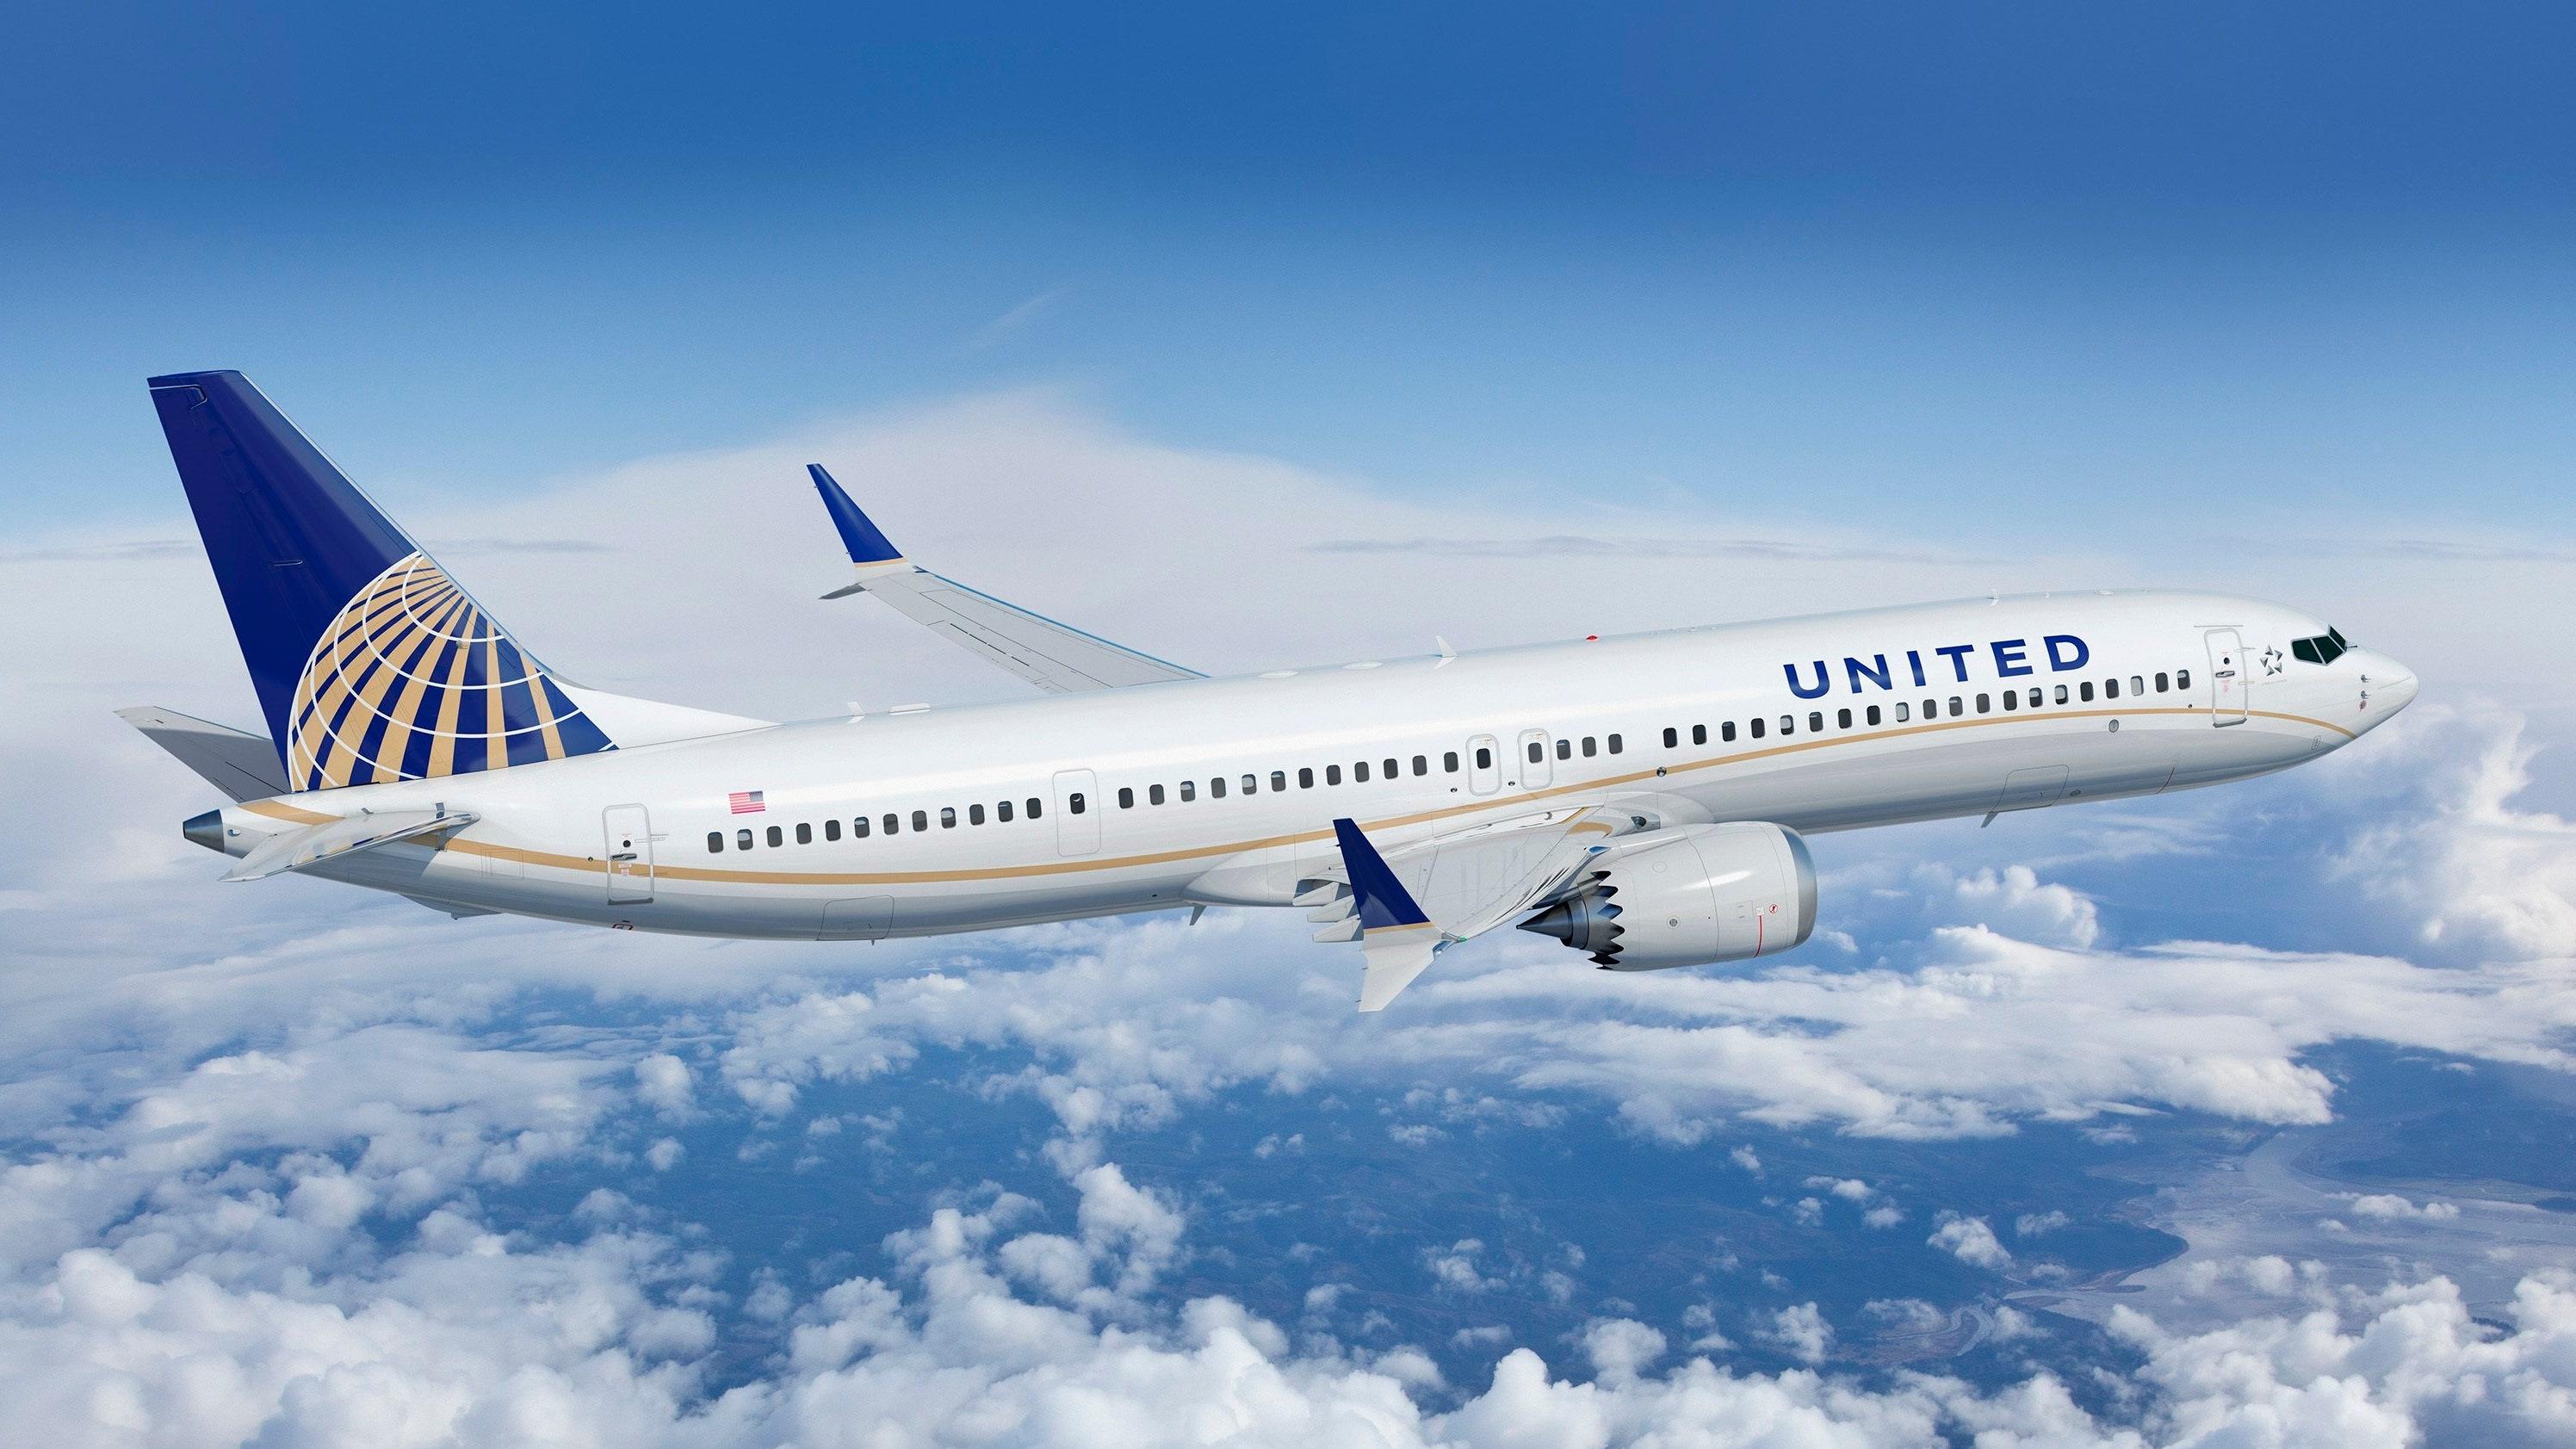 United programa nuevo vuelo directo Washington-Dulles con Santo Domingo y aumenta frecuencias a Punta Cana